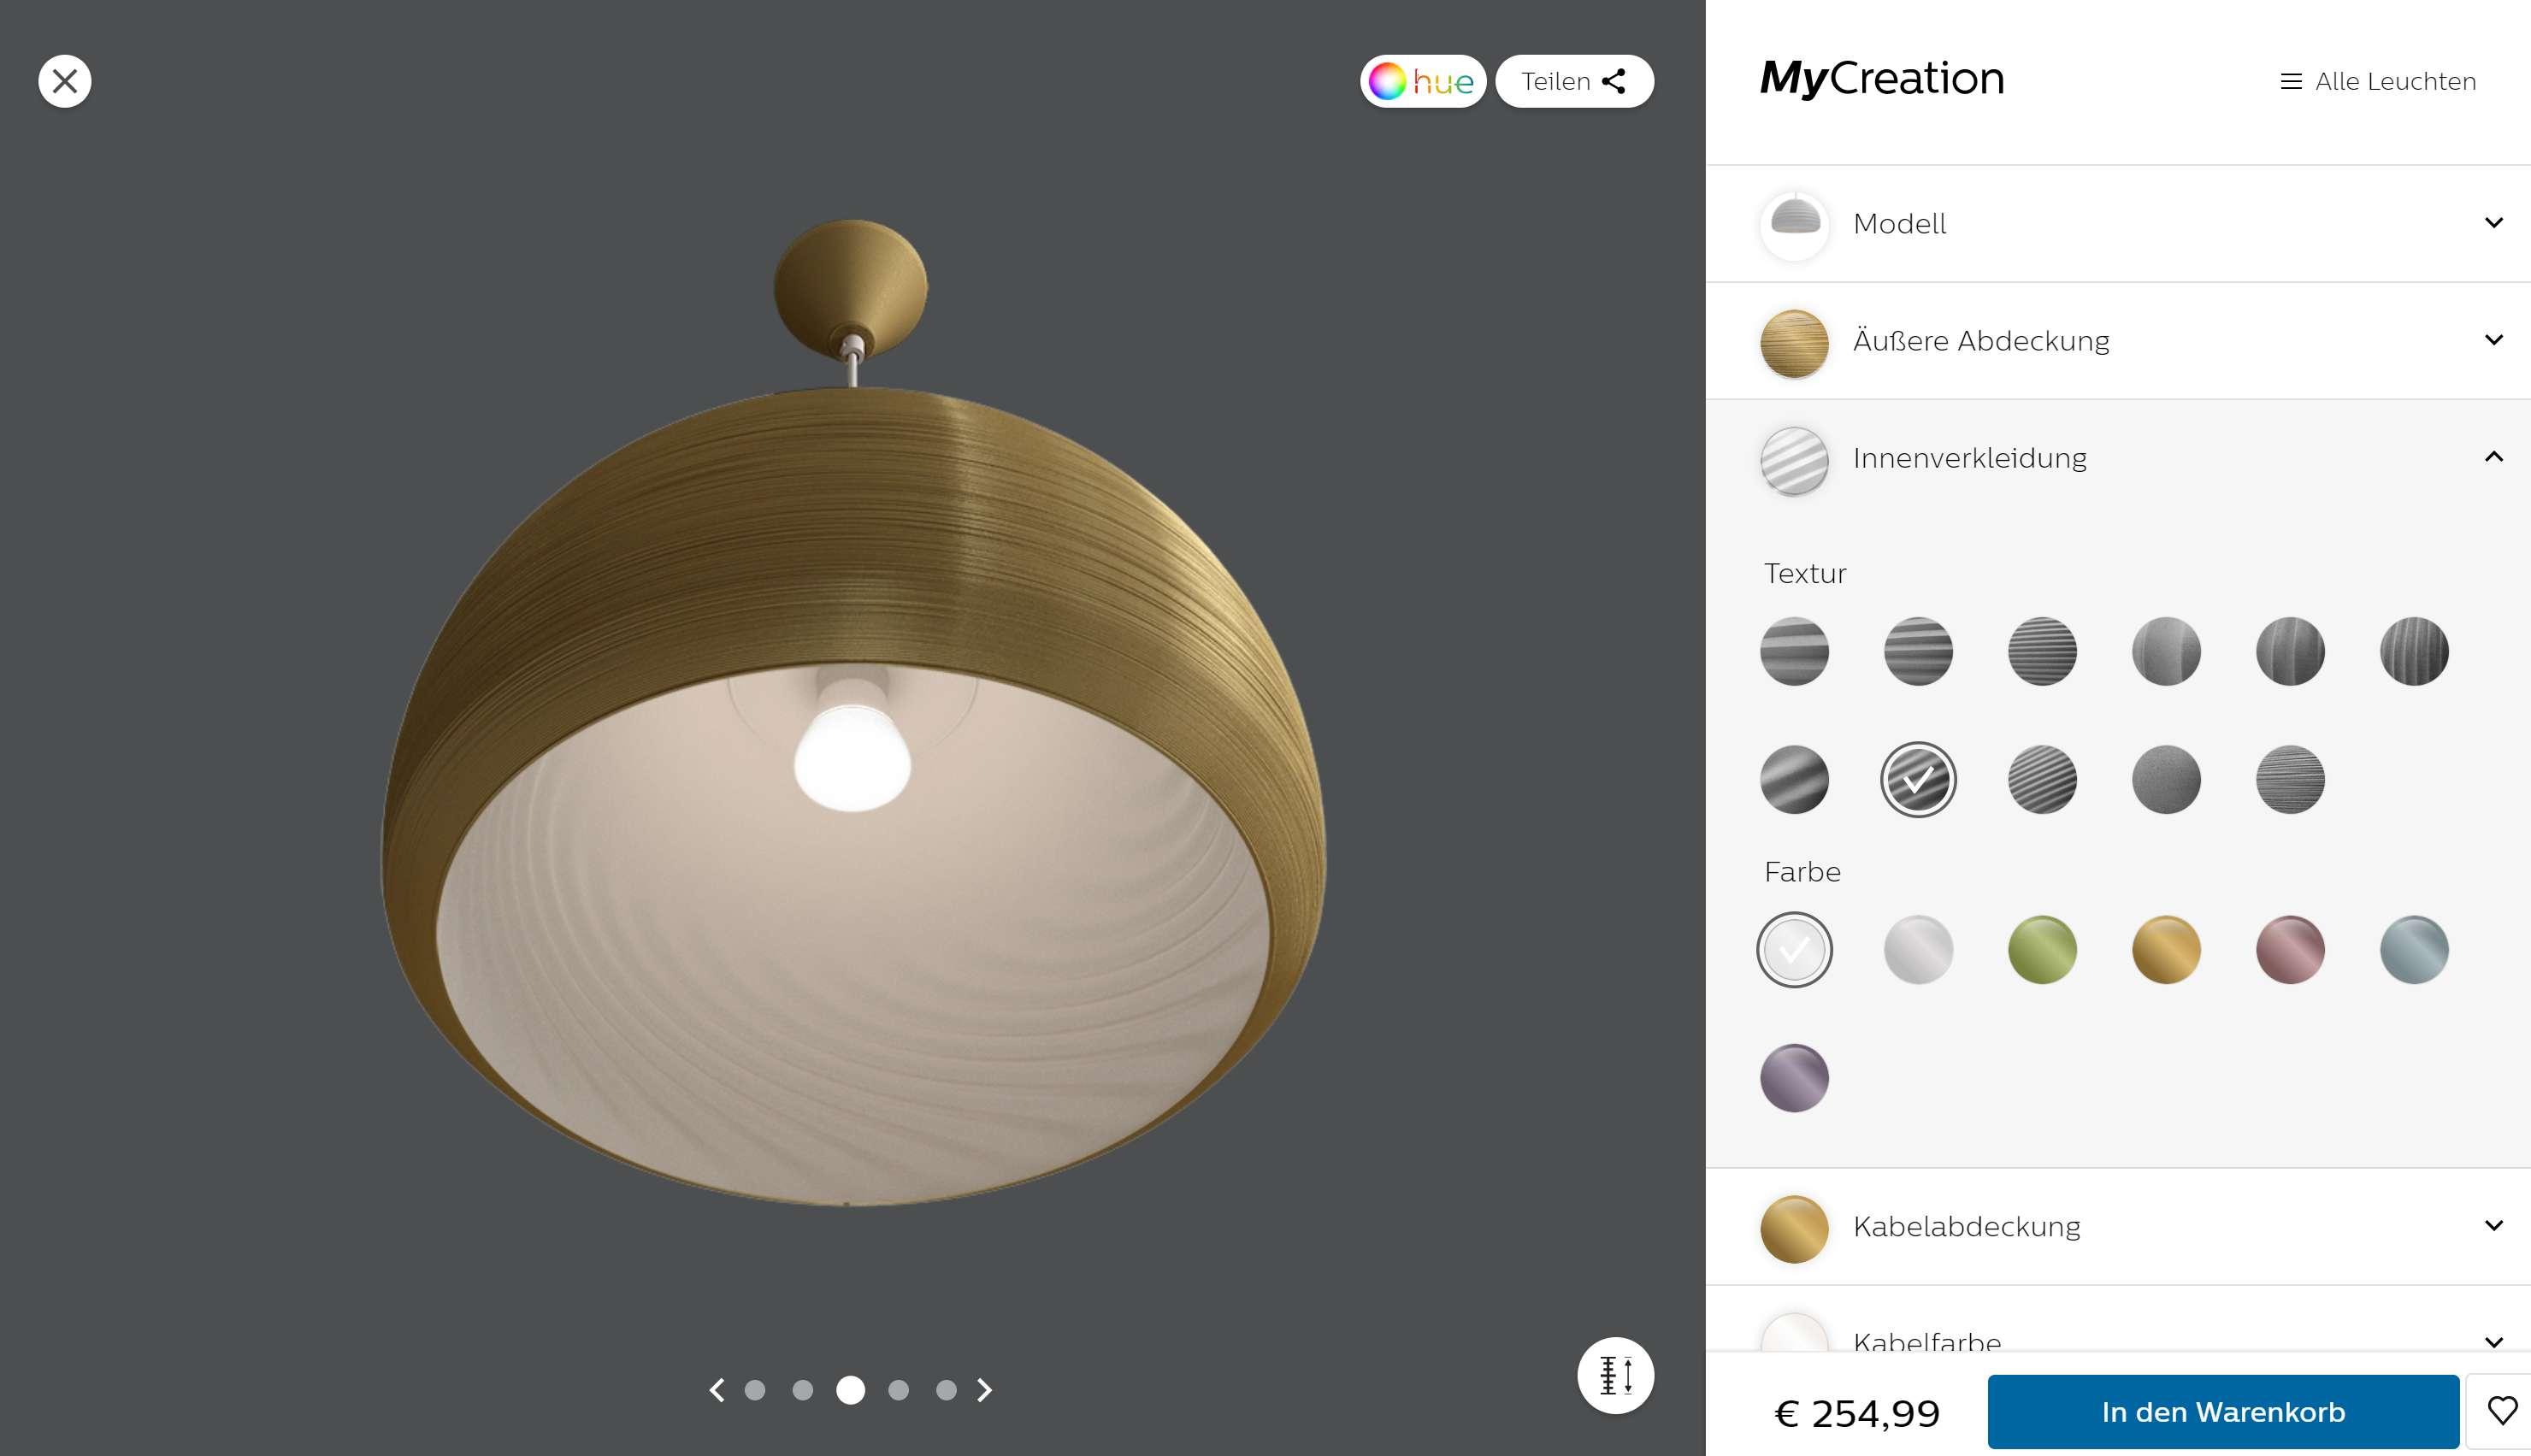 Philips-Leuchten-Konfigurator im Test: Die schicke Leuchte aus dem 3D-Drucker -